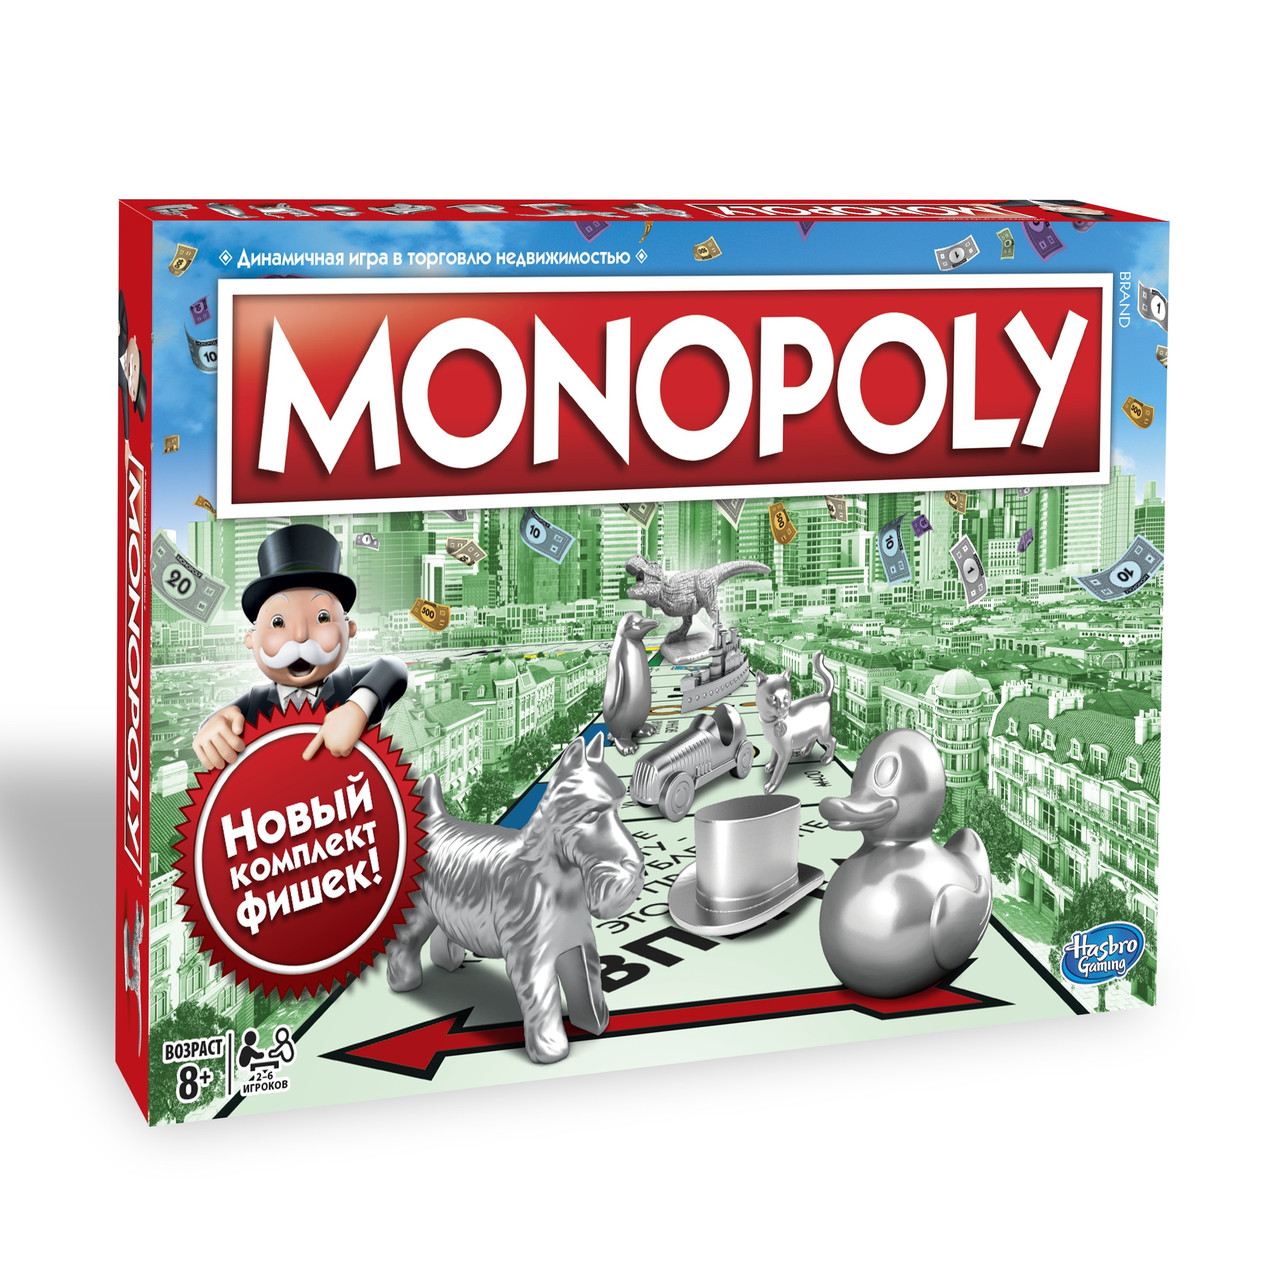 Настольная игра Hasbro Монополия Классическая (русская) (5010993414475)